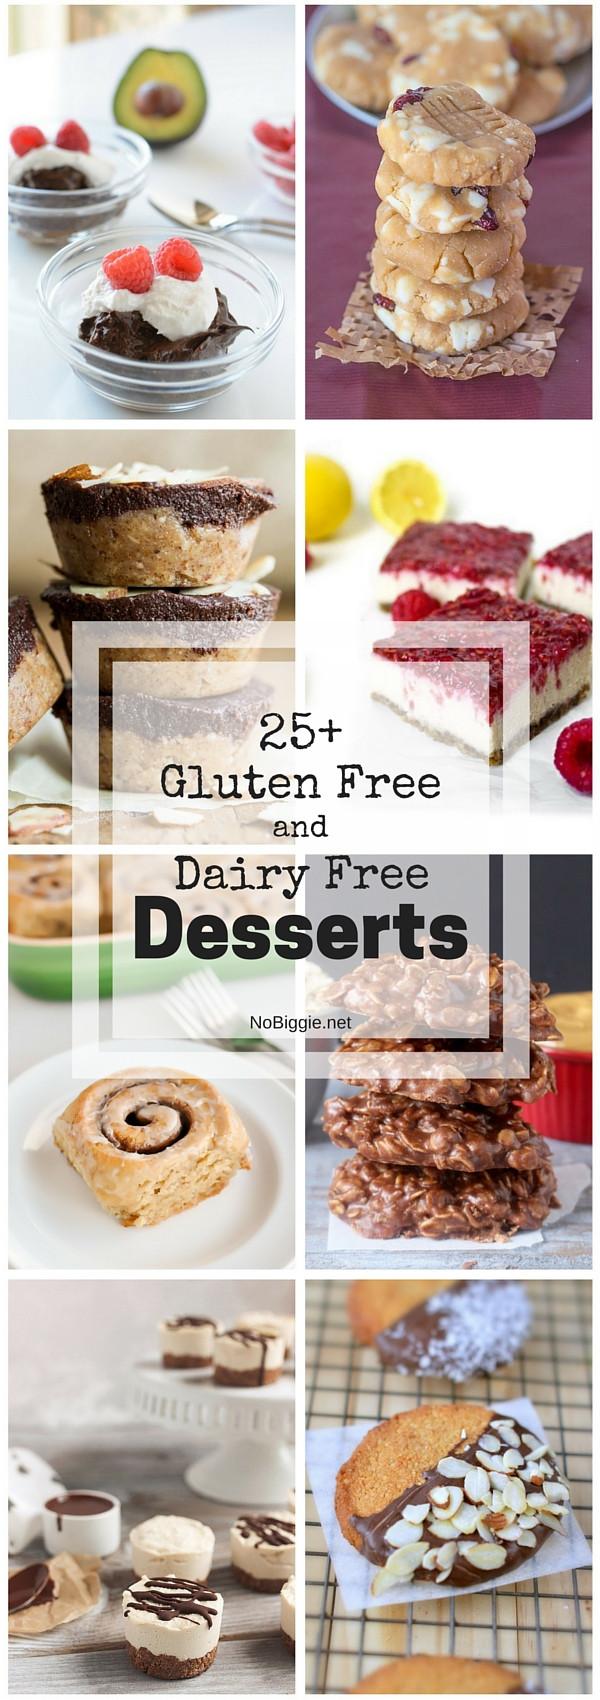 Gluten Free Dairy Free Desserts  25 Gluten Free and Dairy Free Desserts